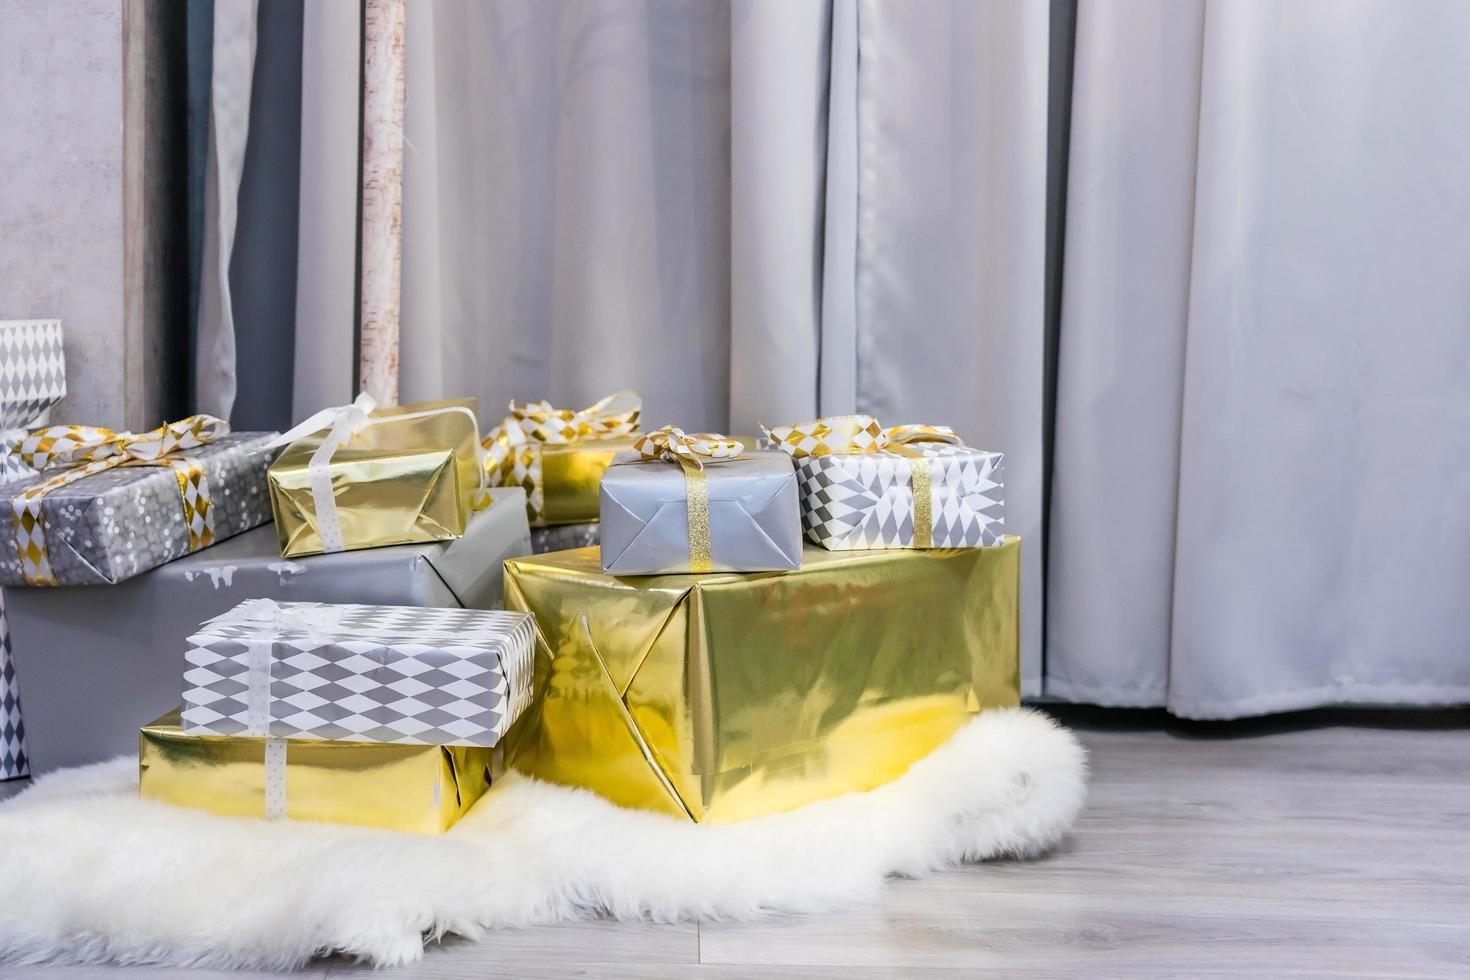 Geschenkboxen, Weihnachtsfeier foto